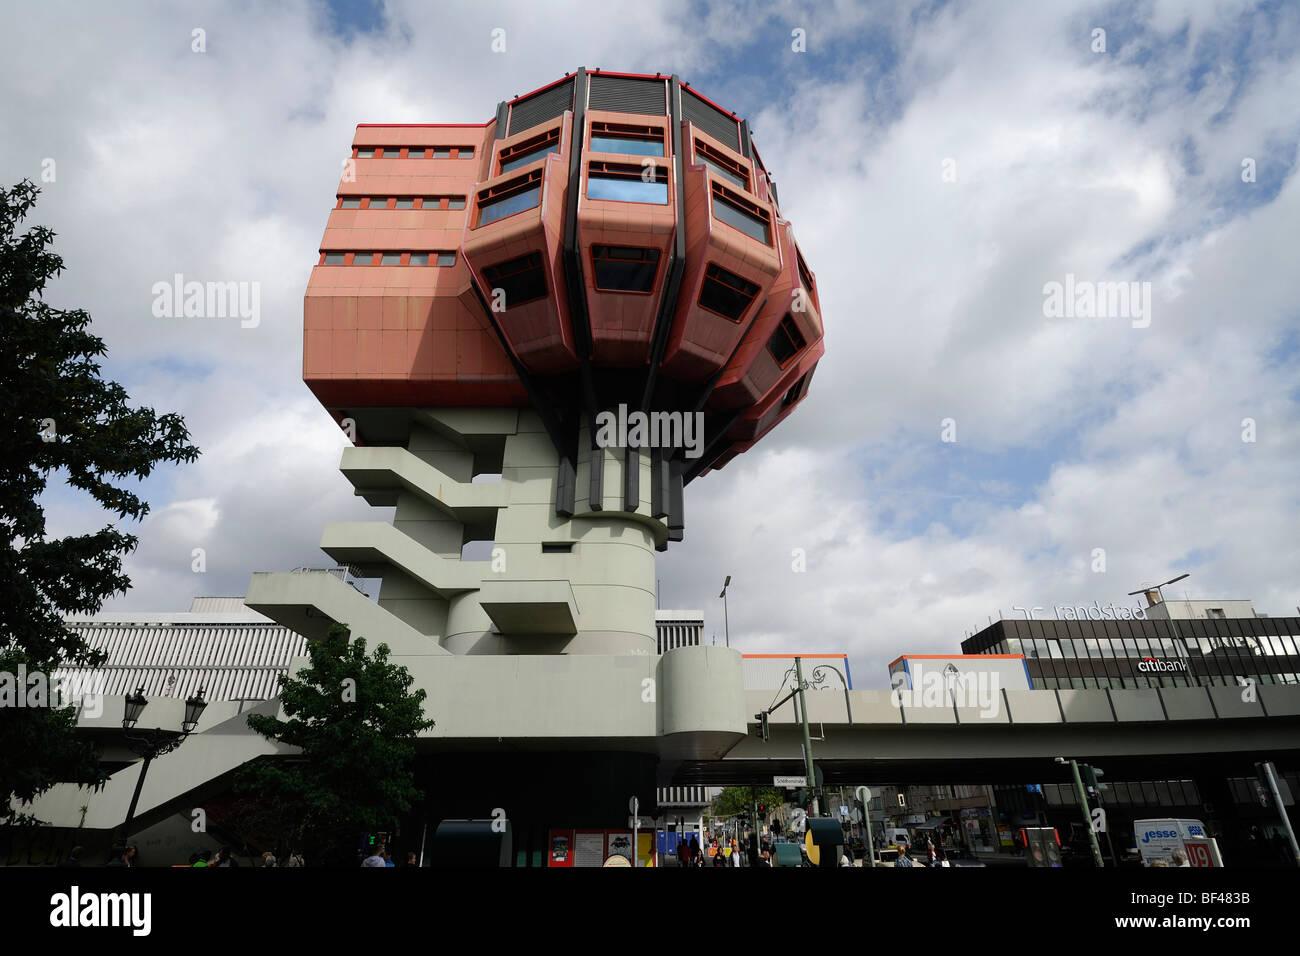 Berlim. Alemanha. Bierpinsel, incomum 1970 Bar & Restaurante prédio no Stegliz. Imagens de Stock